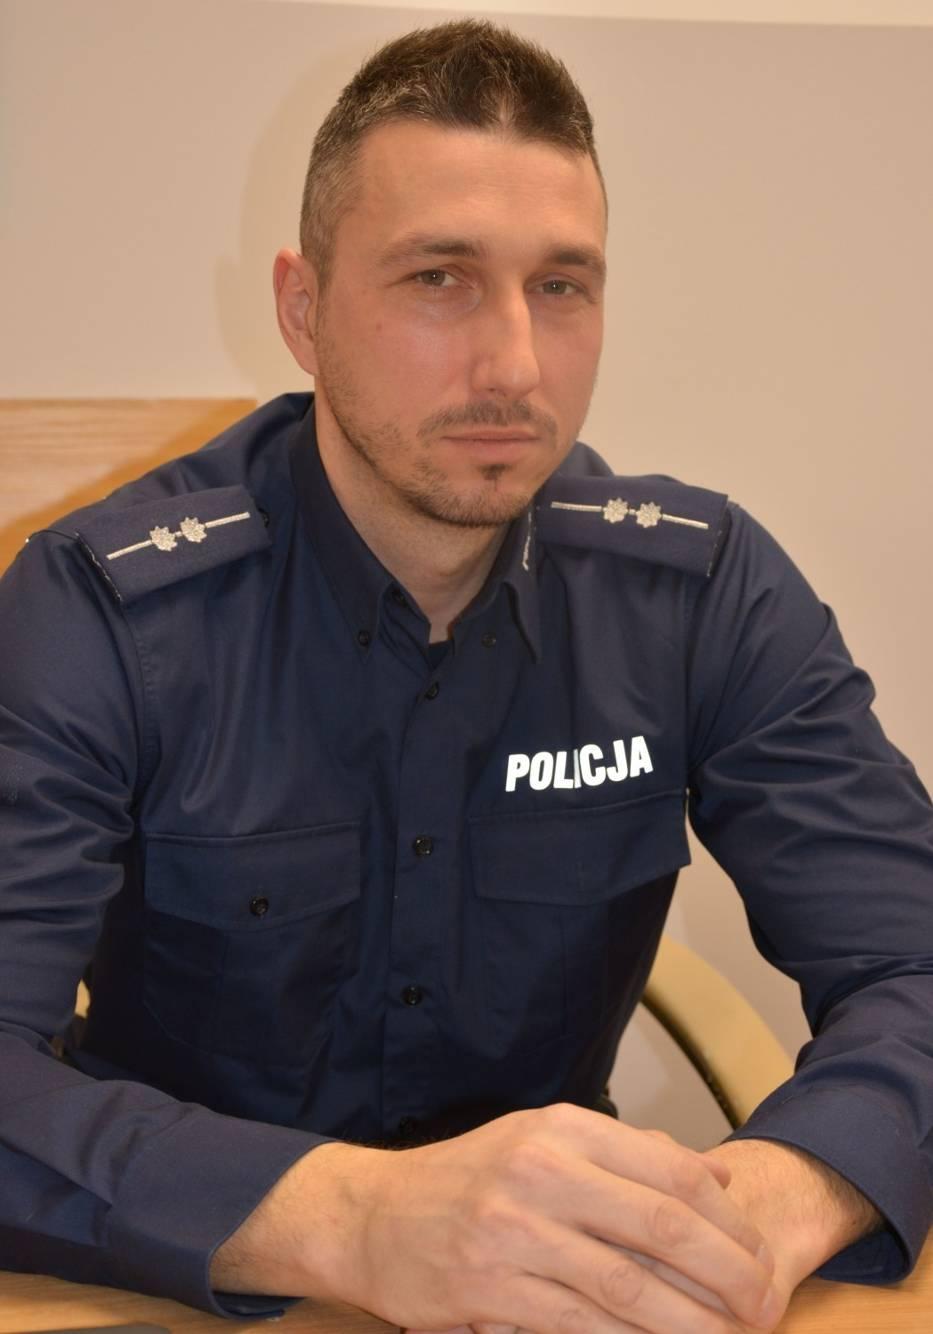 asp. Radosław Budziński